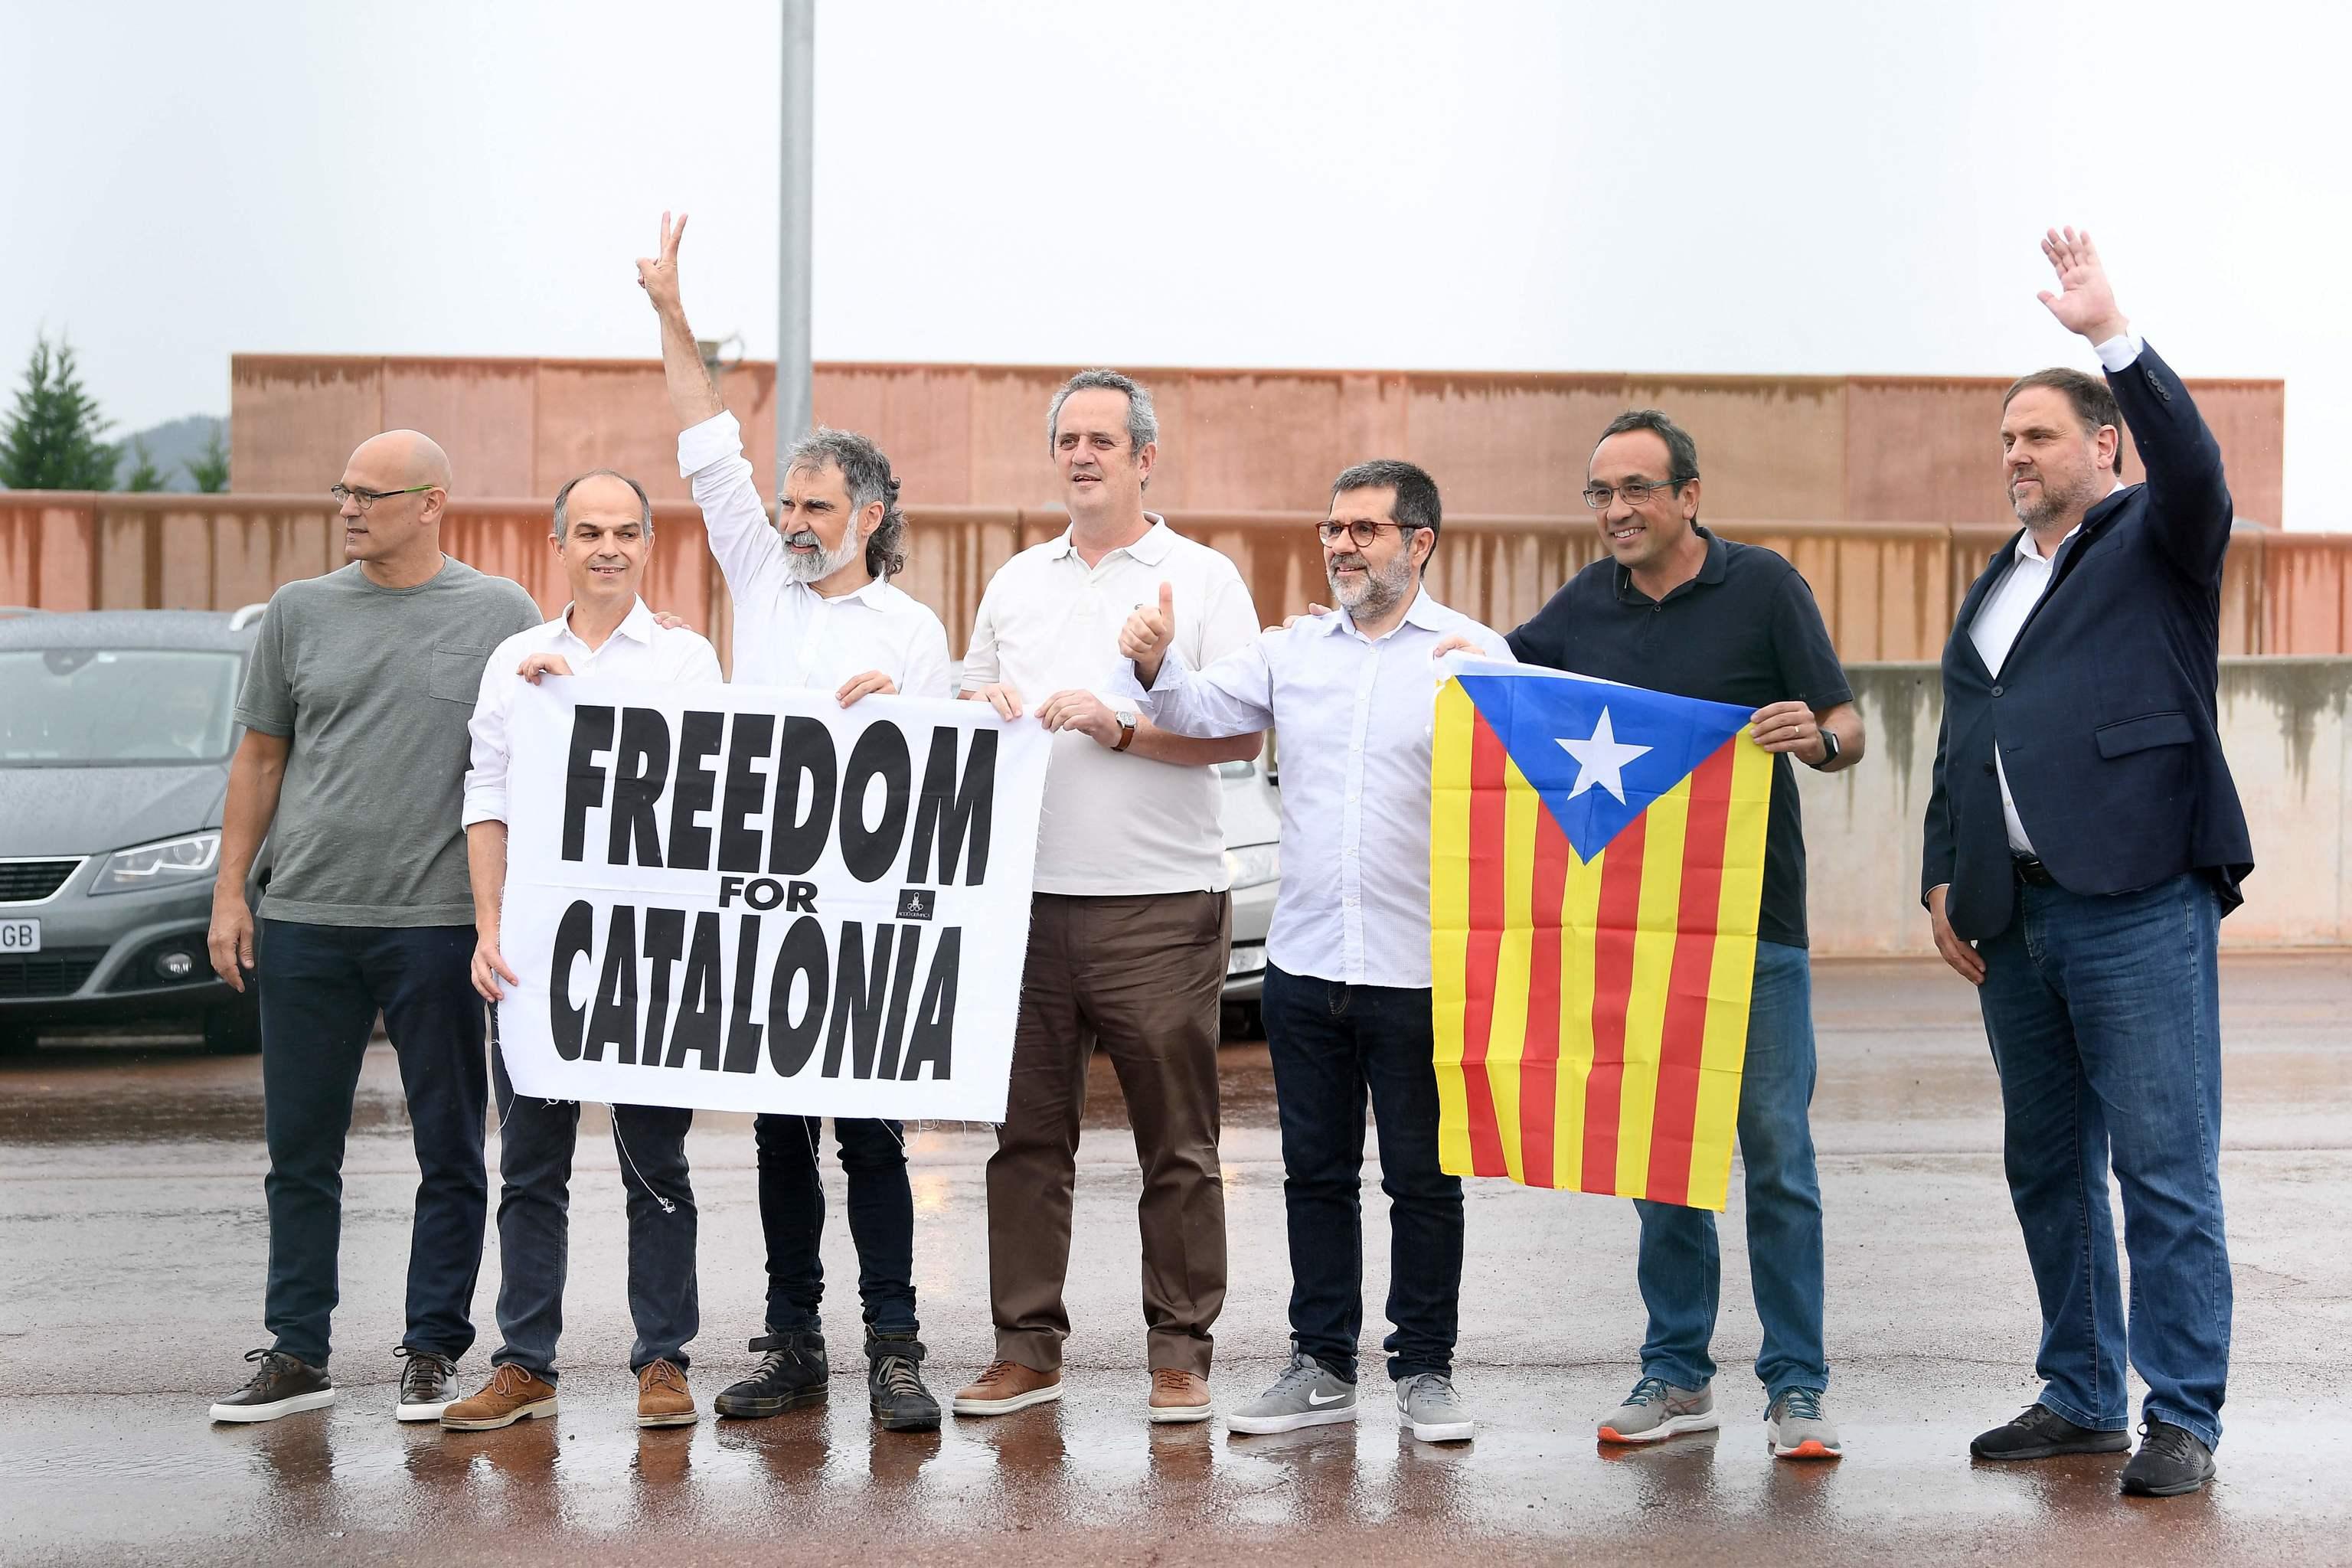 Los siete líderes independentistas de Cataluña presos en Lledoners salen de prisión tras los indultos.